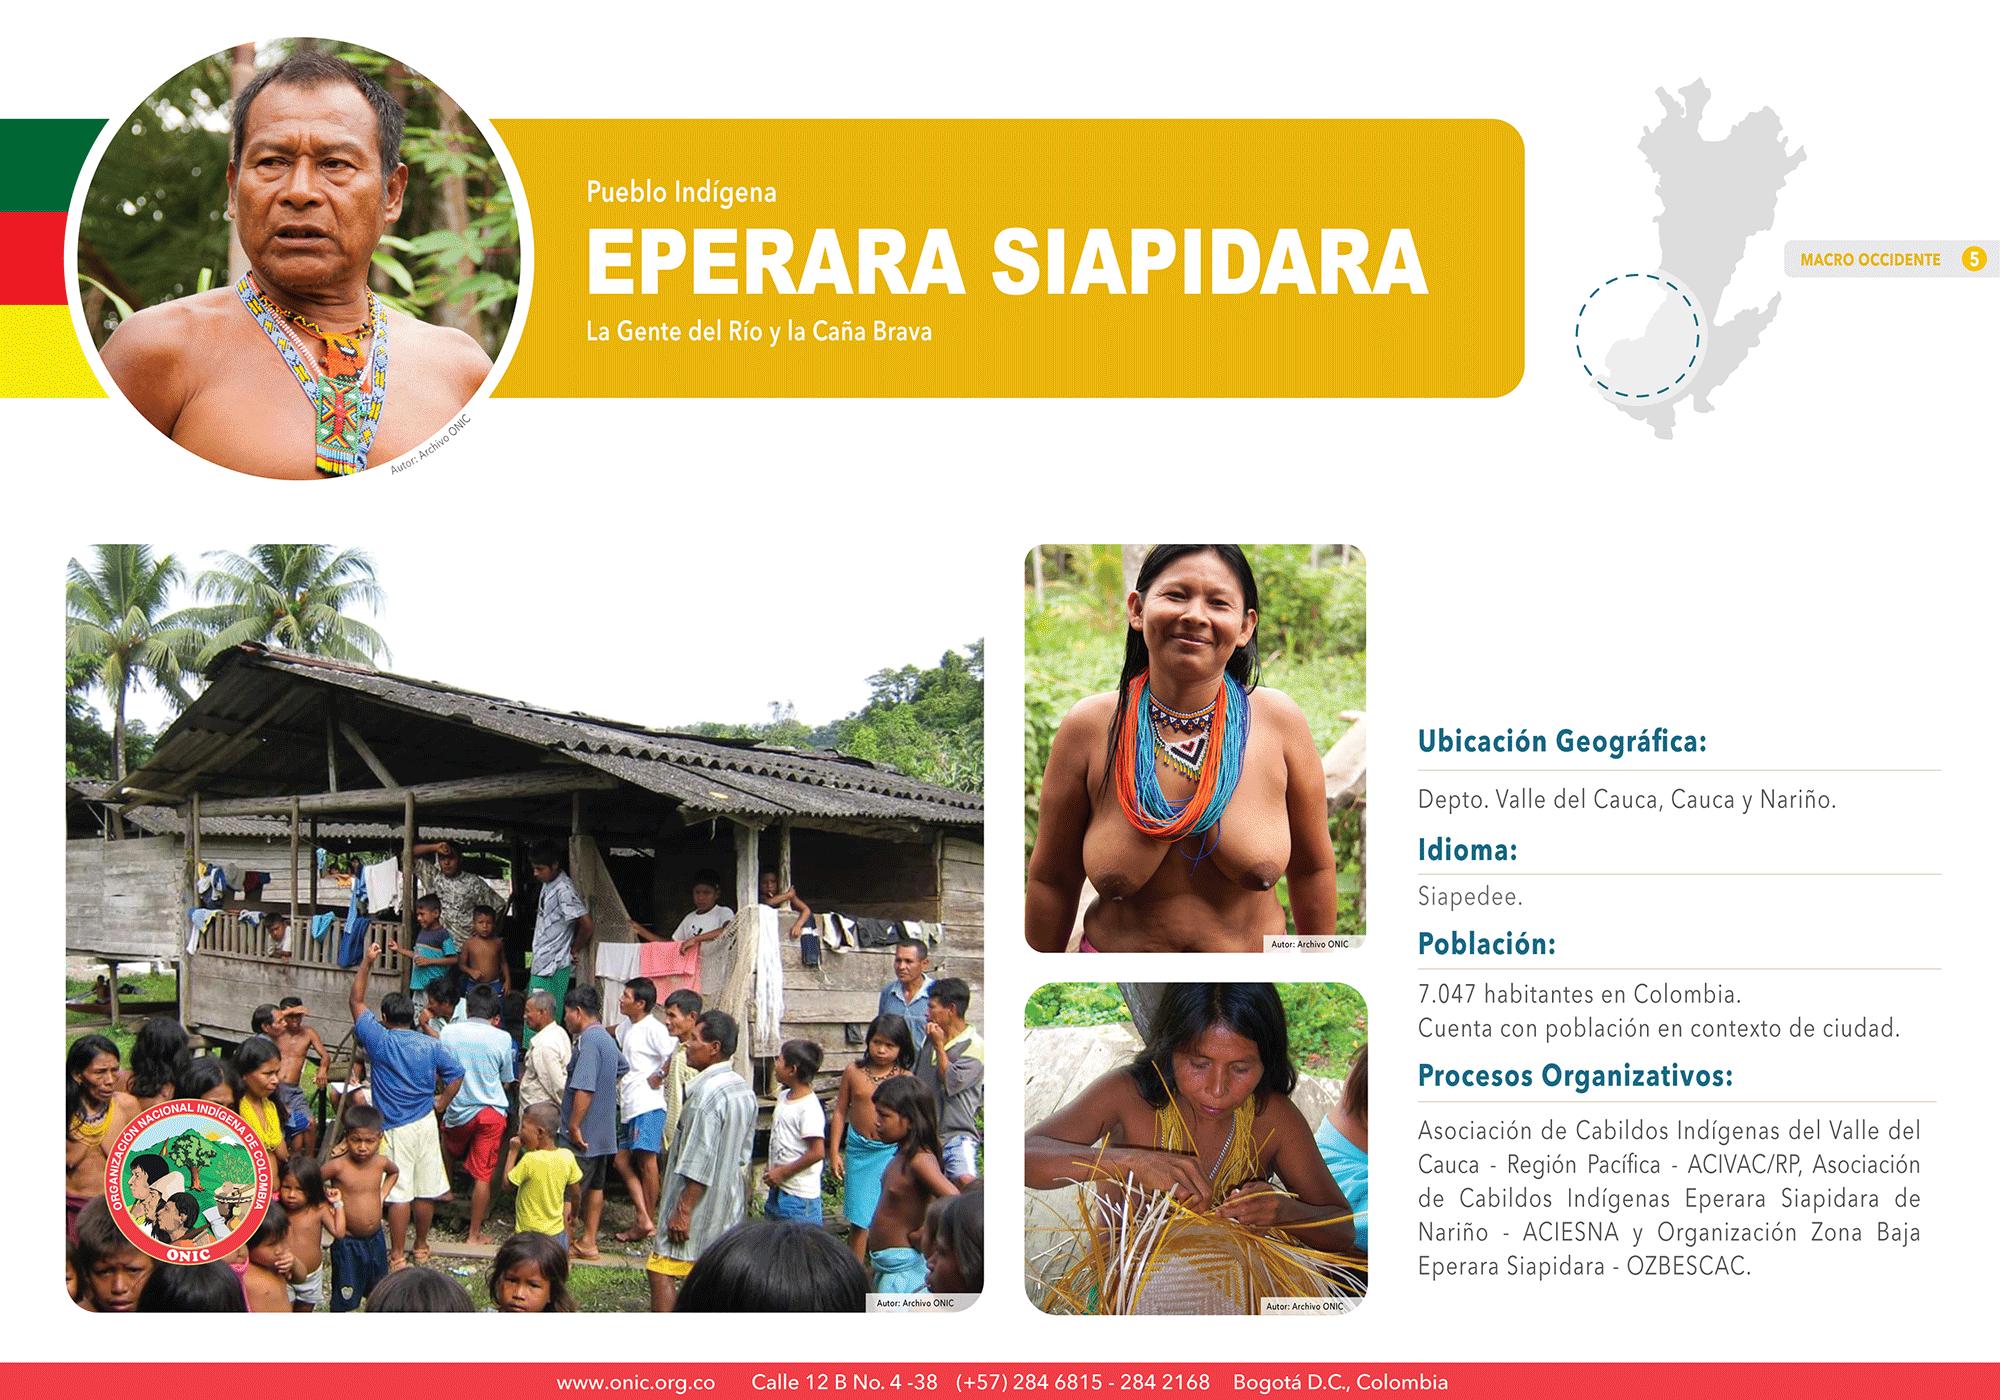 5-EPERARA-SIAPIDARA-FichaDigital-PueblosIndígenas-ONIC-01